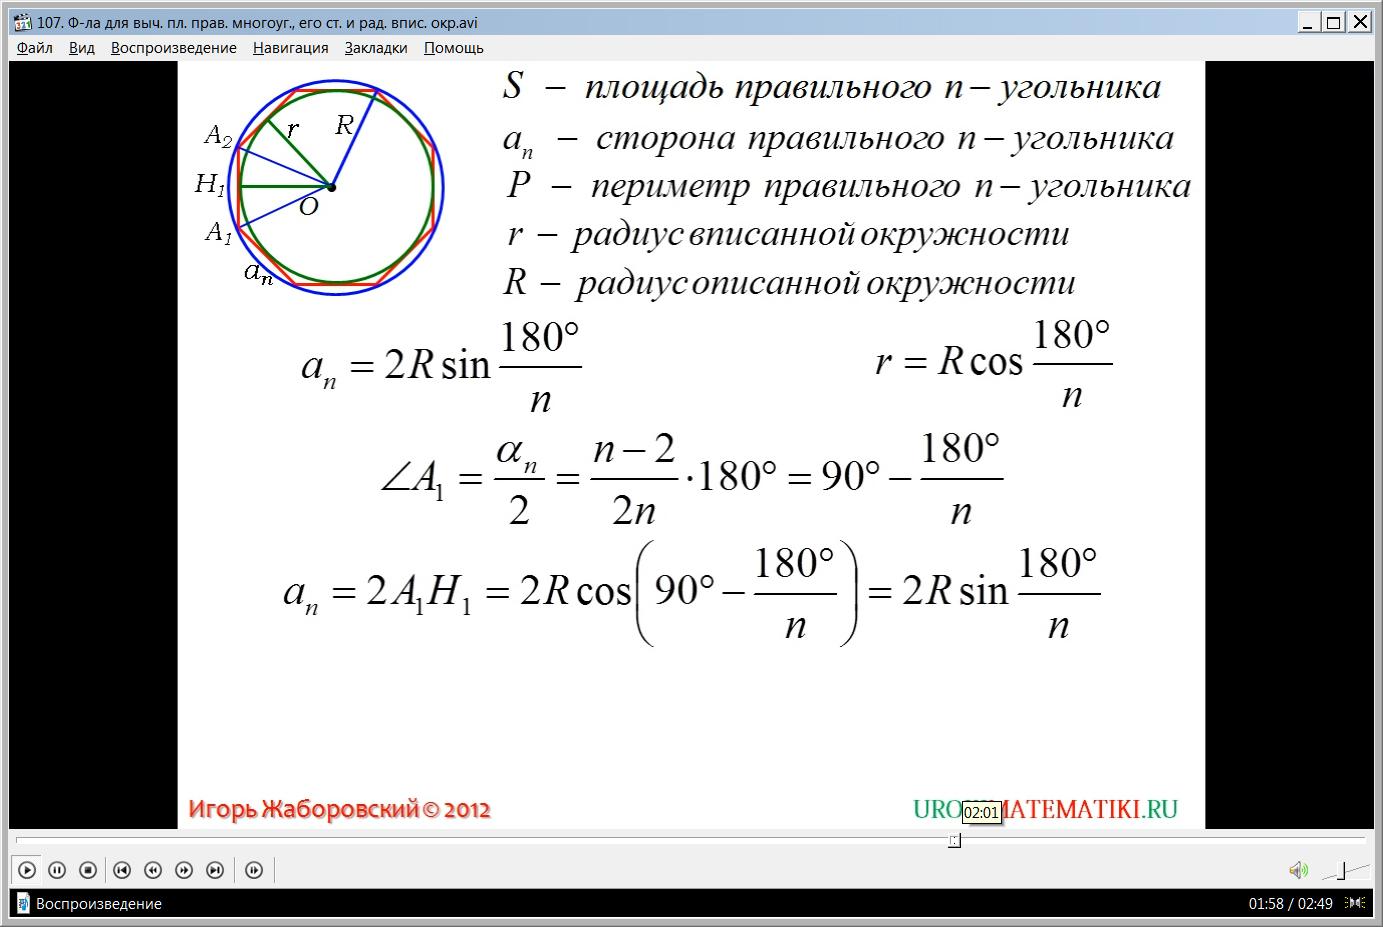 """Урок """"Формула для вычисления площади правильного многоугольника, его сторон и радиуса вписанной окружности"""""""